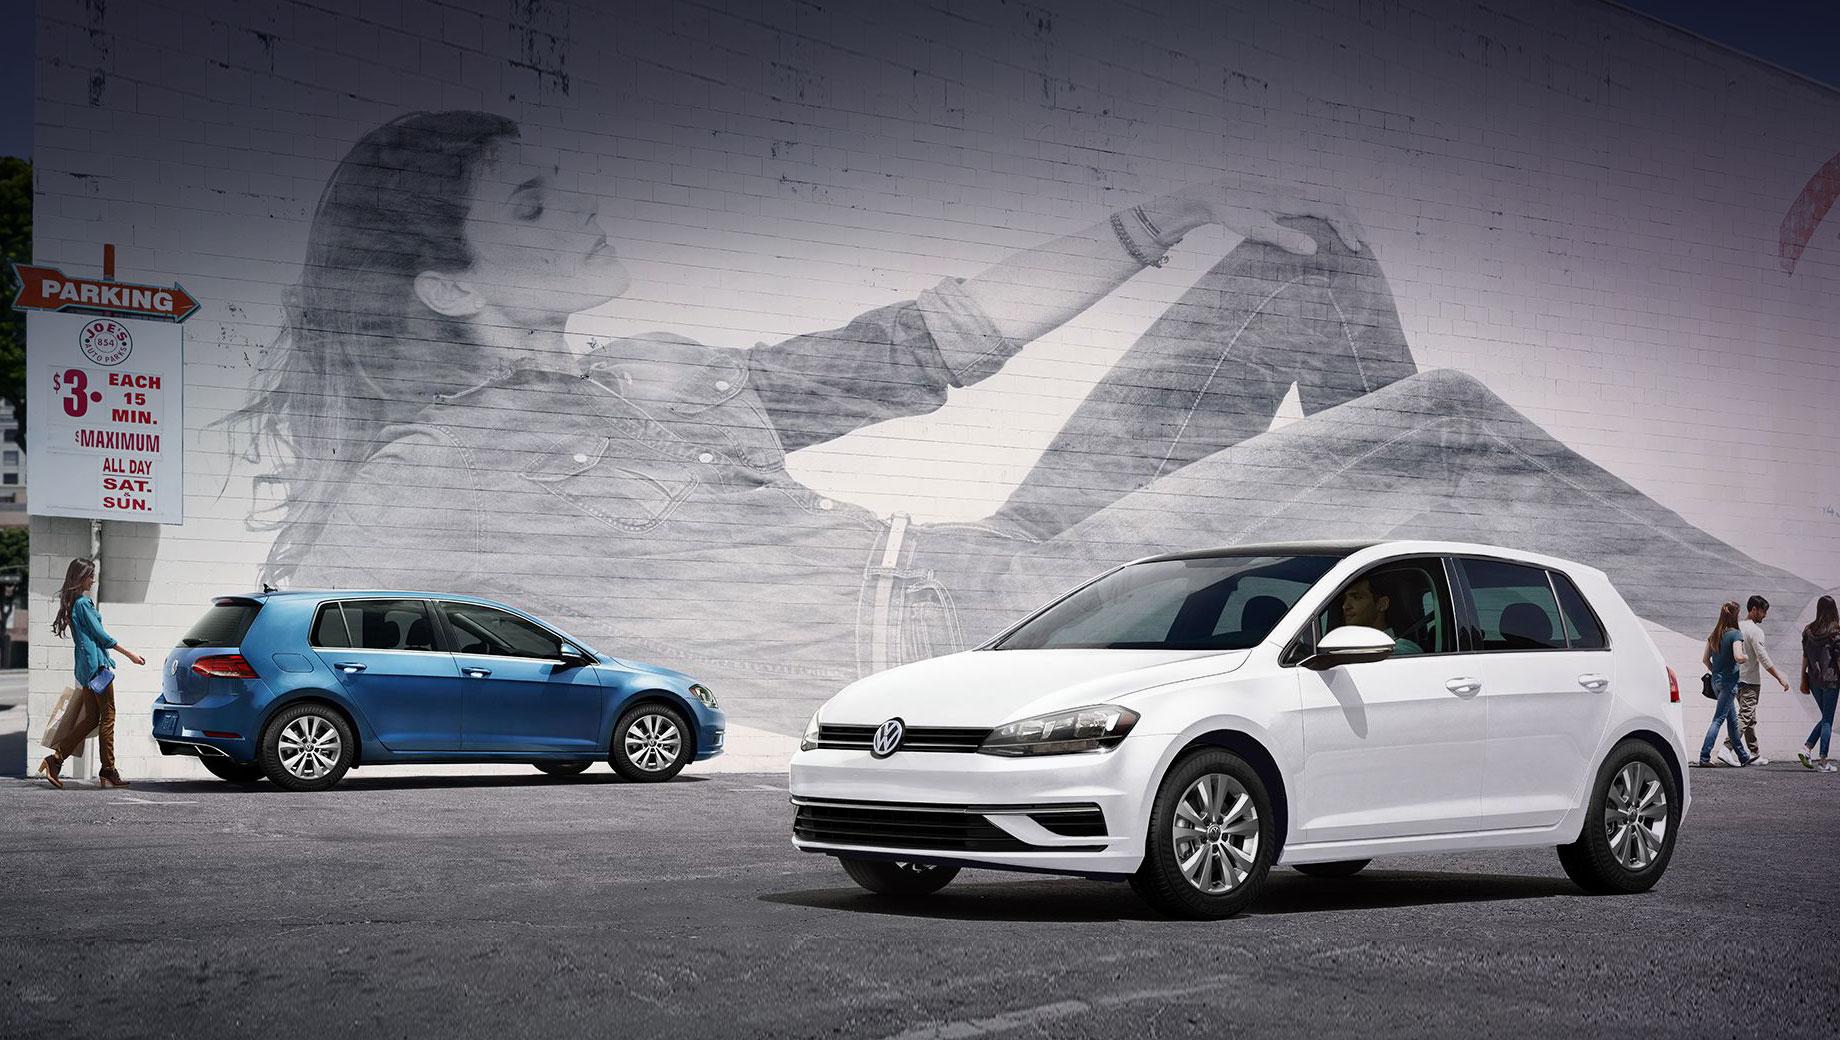 Volkswagen golf,Volkswagen golf r,Volkswagen golf gti. Сейчас «седьмой» Golf предлагается в США только с турбочетвёркой 1.4 TSI (150 л.с., 250 Н•м). Вариант при шестиступенчатой «механике» стоит от $24 190 (1,78 млн рублей), с «автоматом» Aisin на восемь передач  — от $24 990 (1,84 млн). Golf GTI (2.0 TSI, 231 л.с., 350 Н•м) «начинается» с $29 690 (2,2 млн).